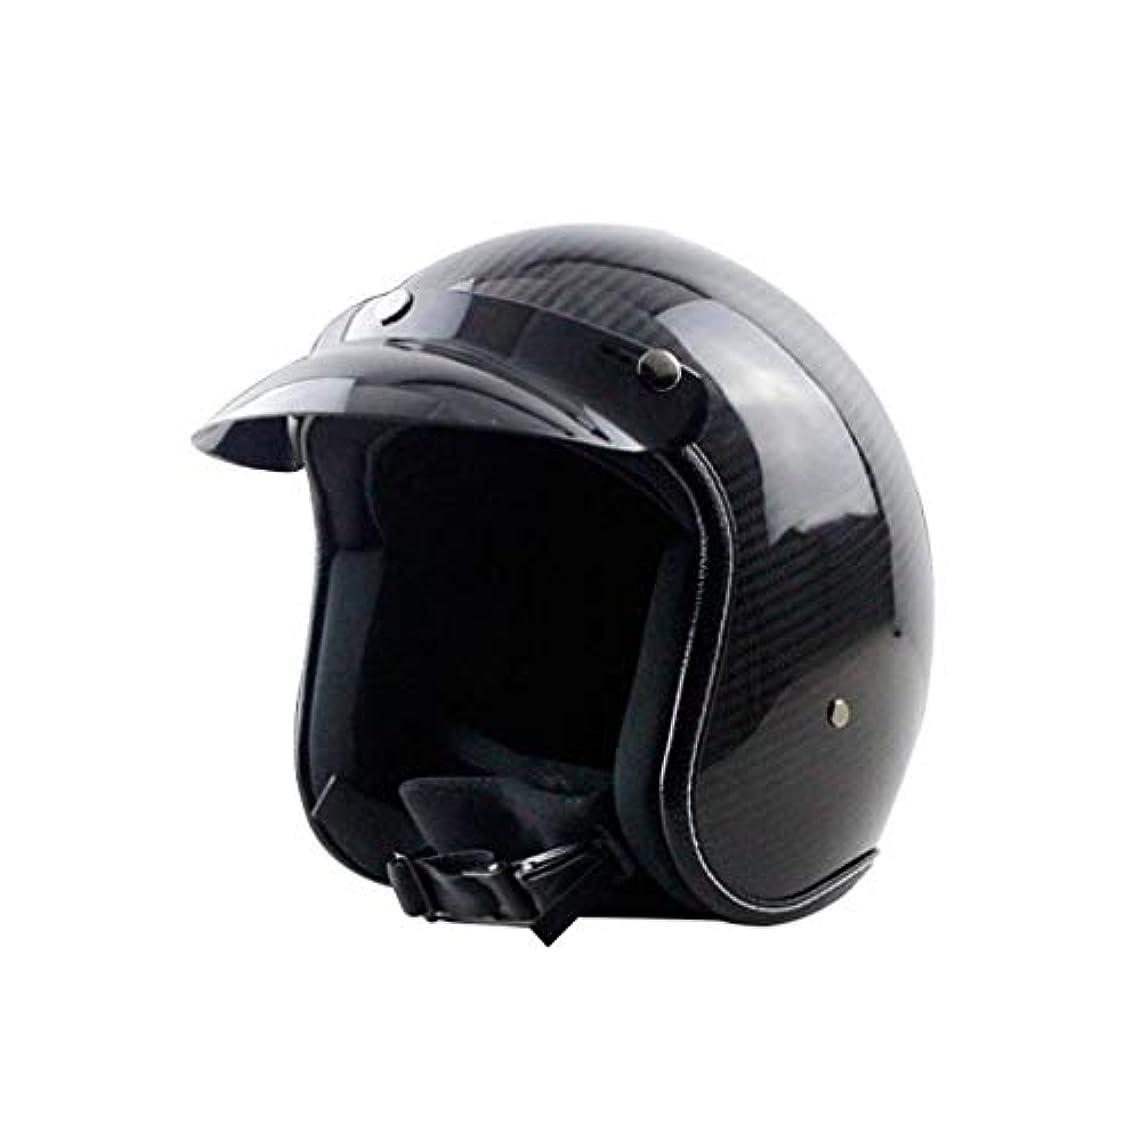 予報多年生確立ヘルメット オートバイヘルメット、カーボンファイバーレトロオートサイクルヘルメット男性女性オールラウンドサイクリングヘルメットモト電気自動車ハーフヘルメットA